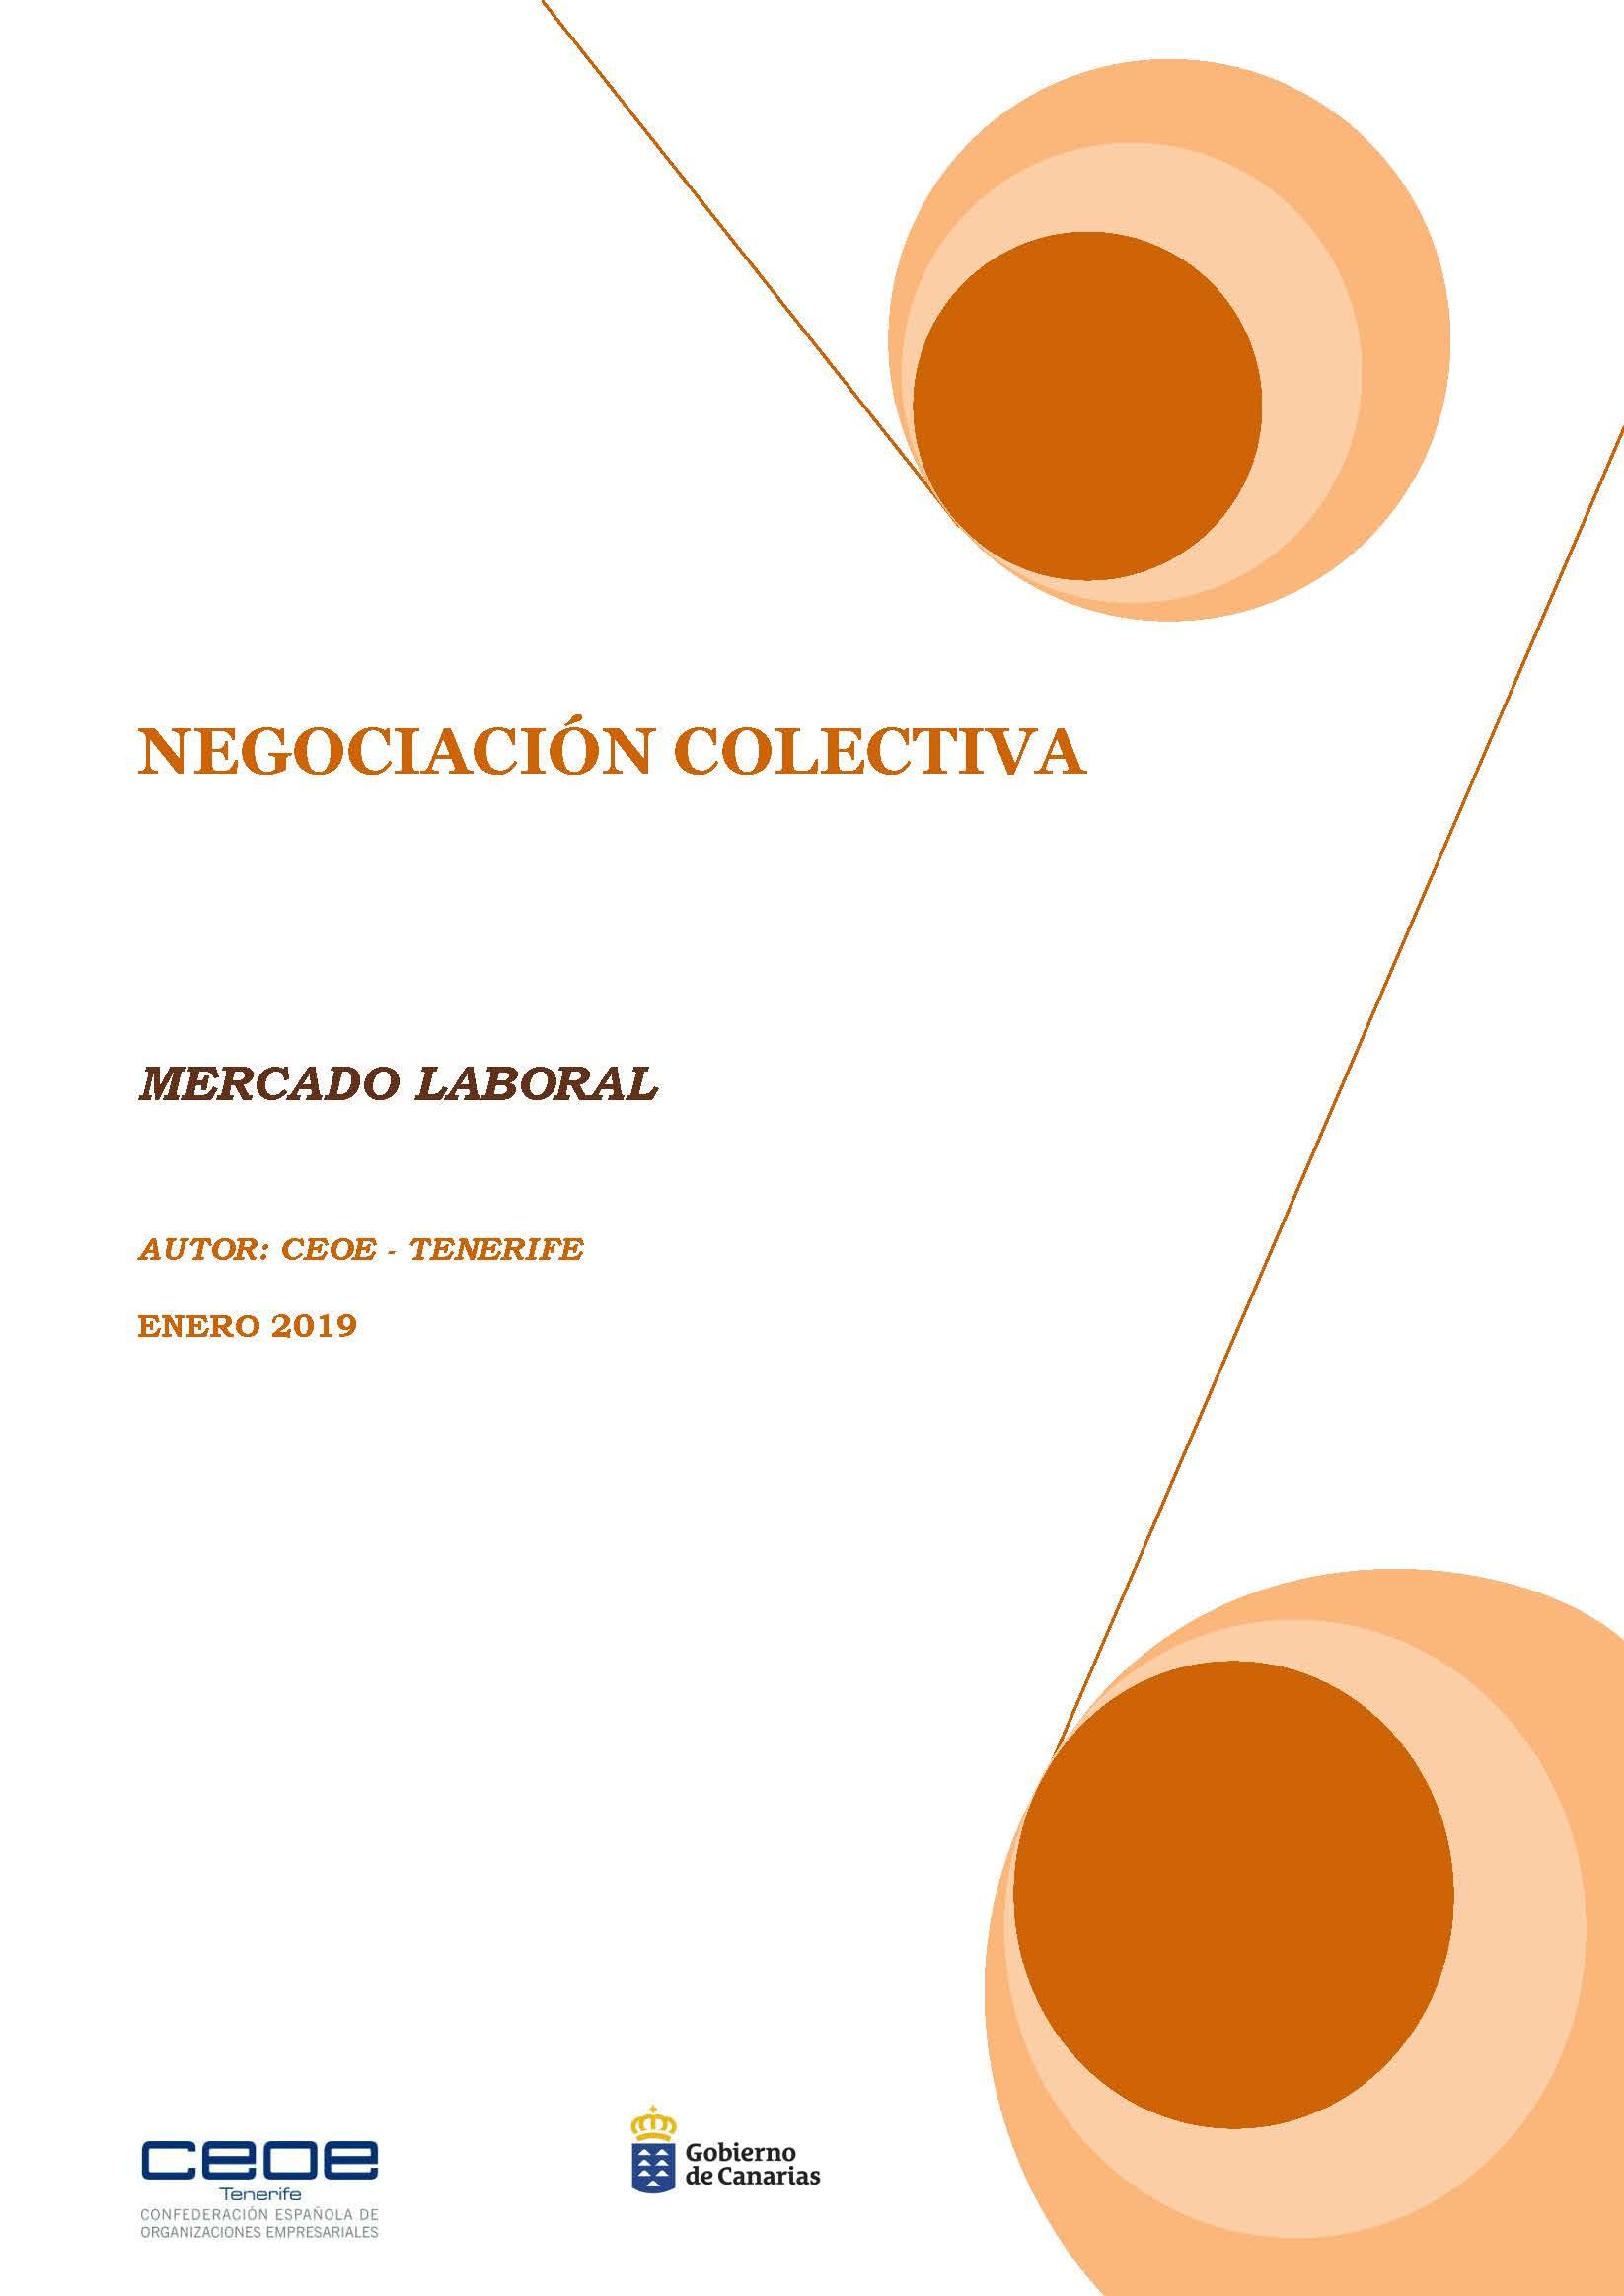 MERCADO LABORAL - NEGOCIACION COLECTIVA ENERO 2019